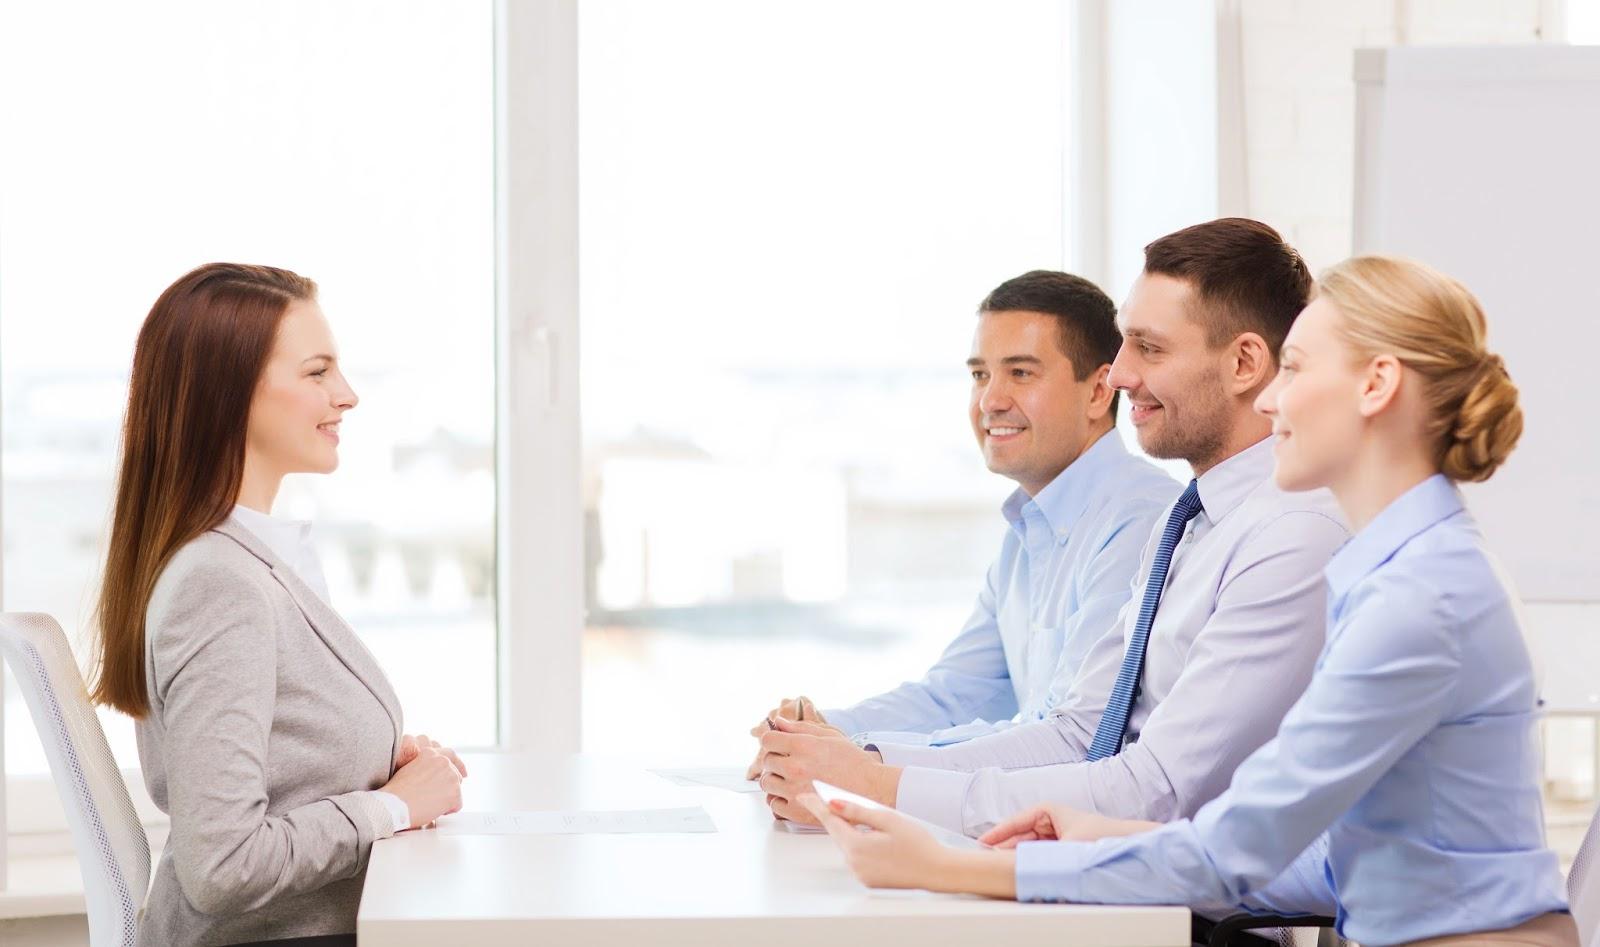 Chuẩn bị tinh thần thoải mái tự tin trước khi đi phỏng vấn